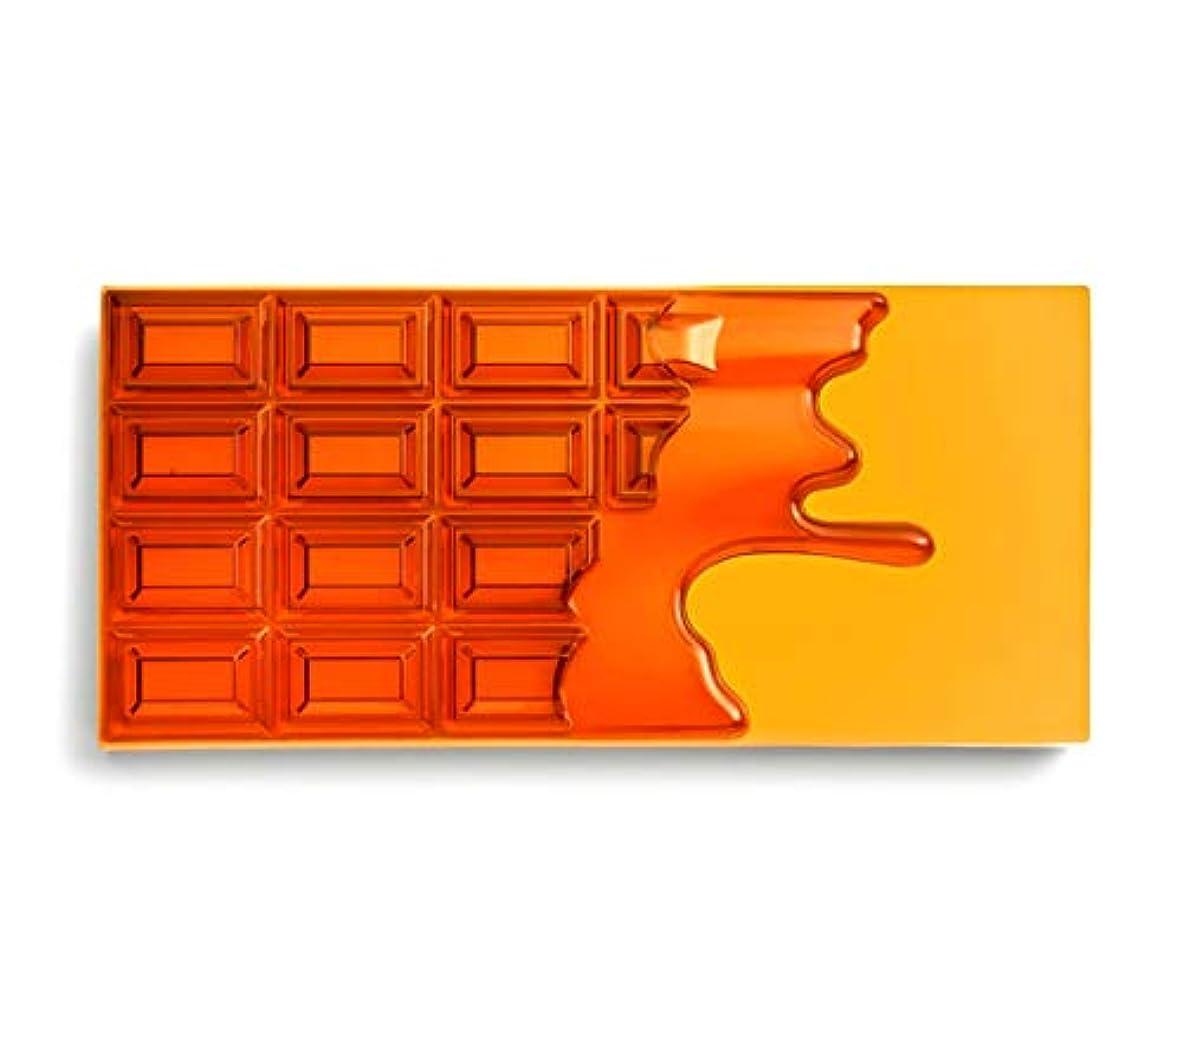 ポンド大マージメイクアップレボリューション アイラブメイクアップ チョコレート型18色アイシャドウパレット #Honey Chocolate ハニーチョコレートパレット アイシャドウ